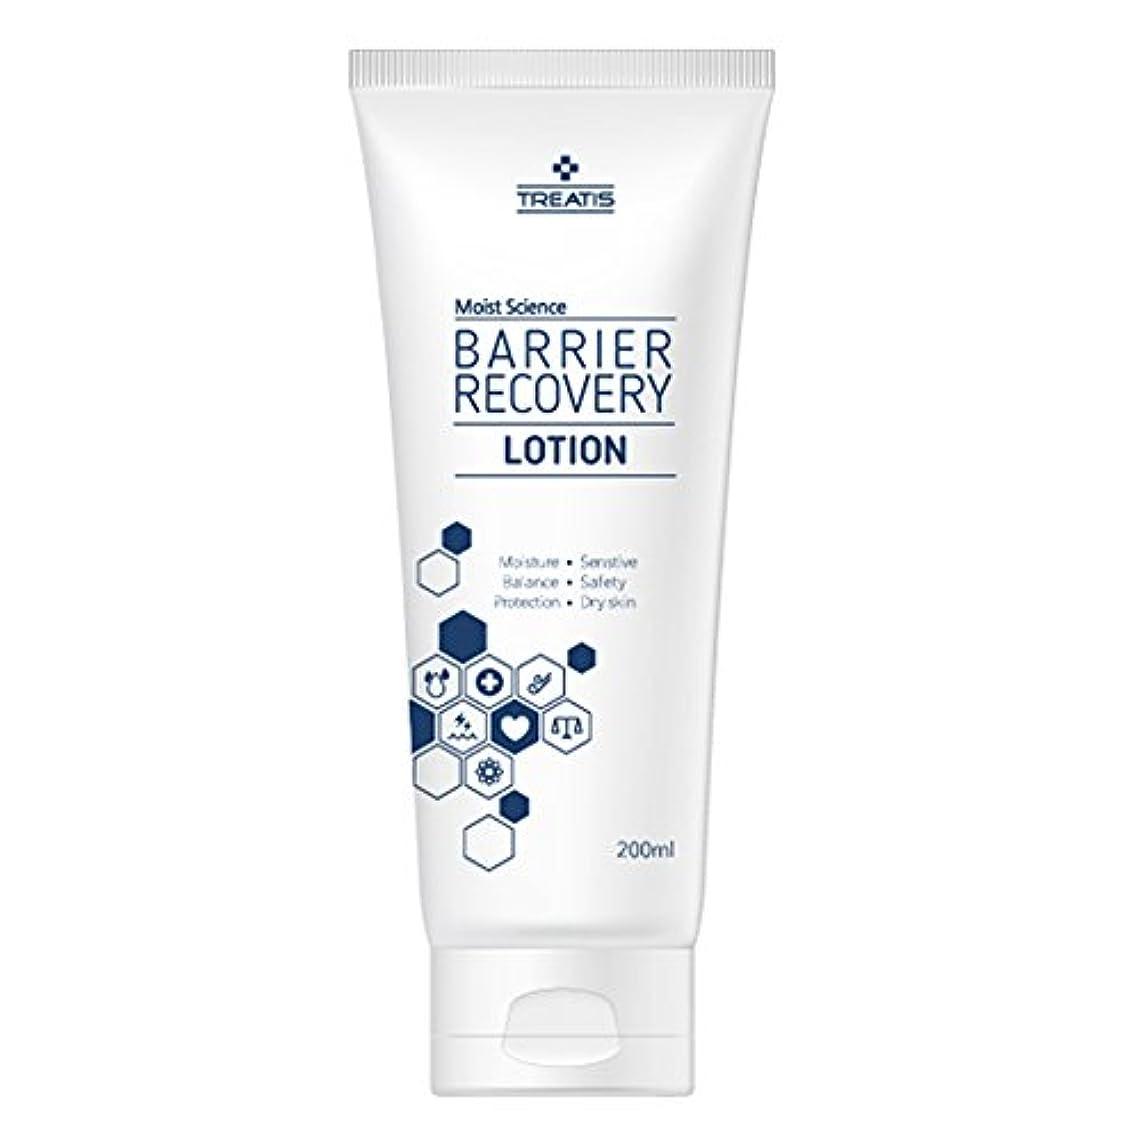 道徳のピケご覧くださいTreatis barrier recovery lotion 7oz (200ml)/Moisture, Senstive, Balance, Safty, Protection, Dry skin [並行輸入品]